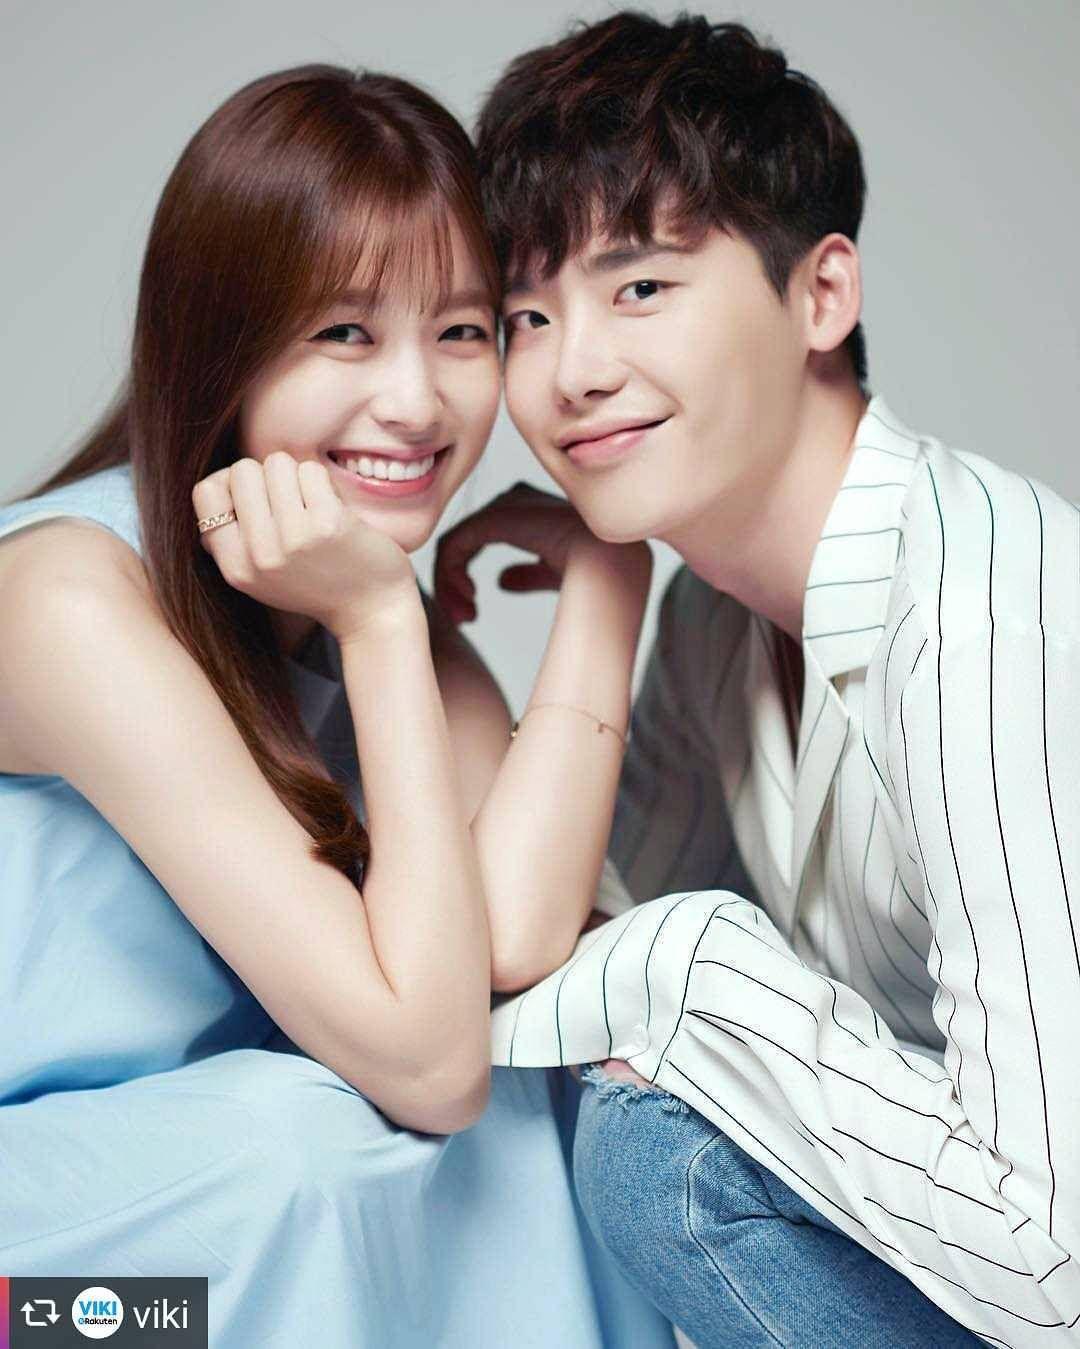 10 cặp đôi màn ảnh được fan phim Hàn kêu gào đòi tái hợp: Số 1 đích thị là IU - Lee Jun Ki rồi! - Ảnh 19.